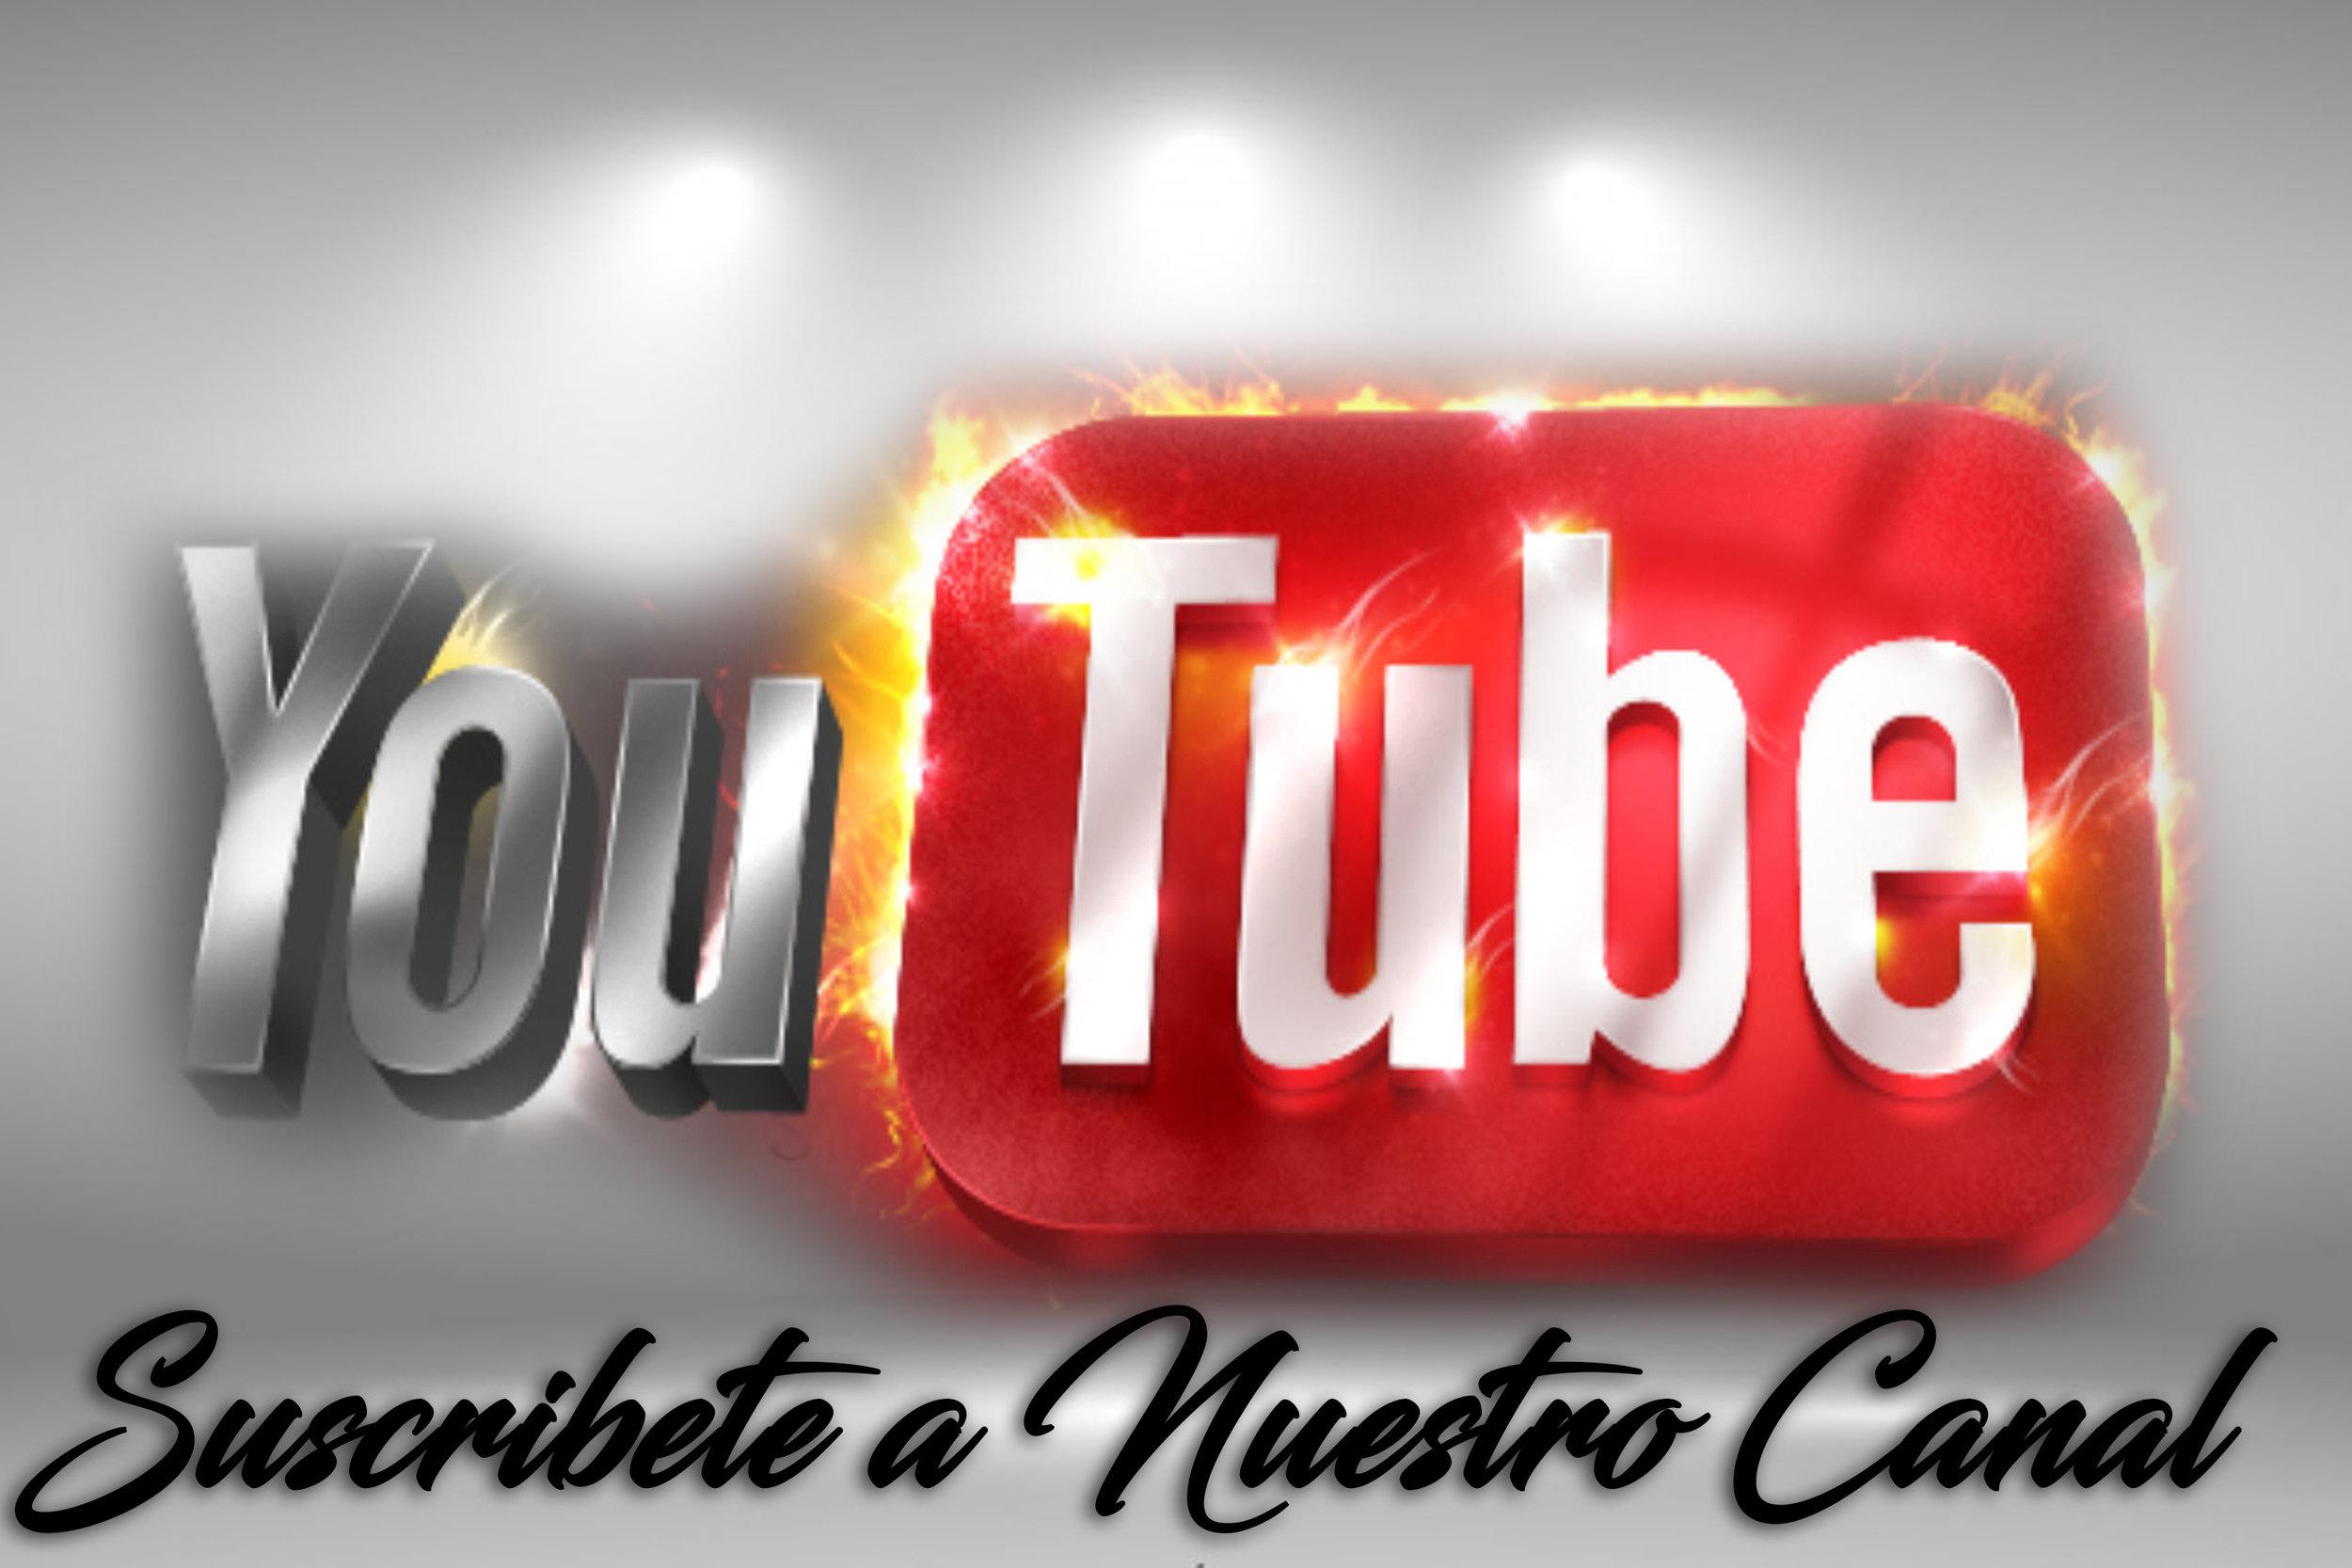 canal youtube.jpg